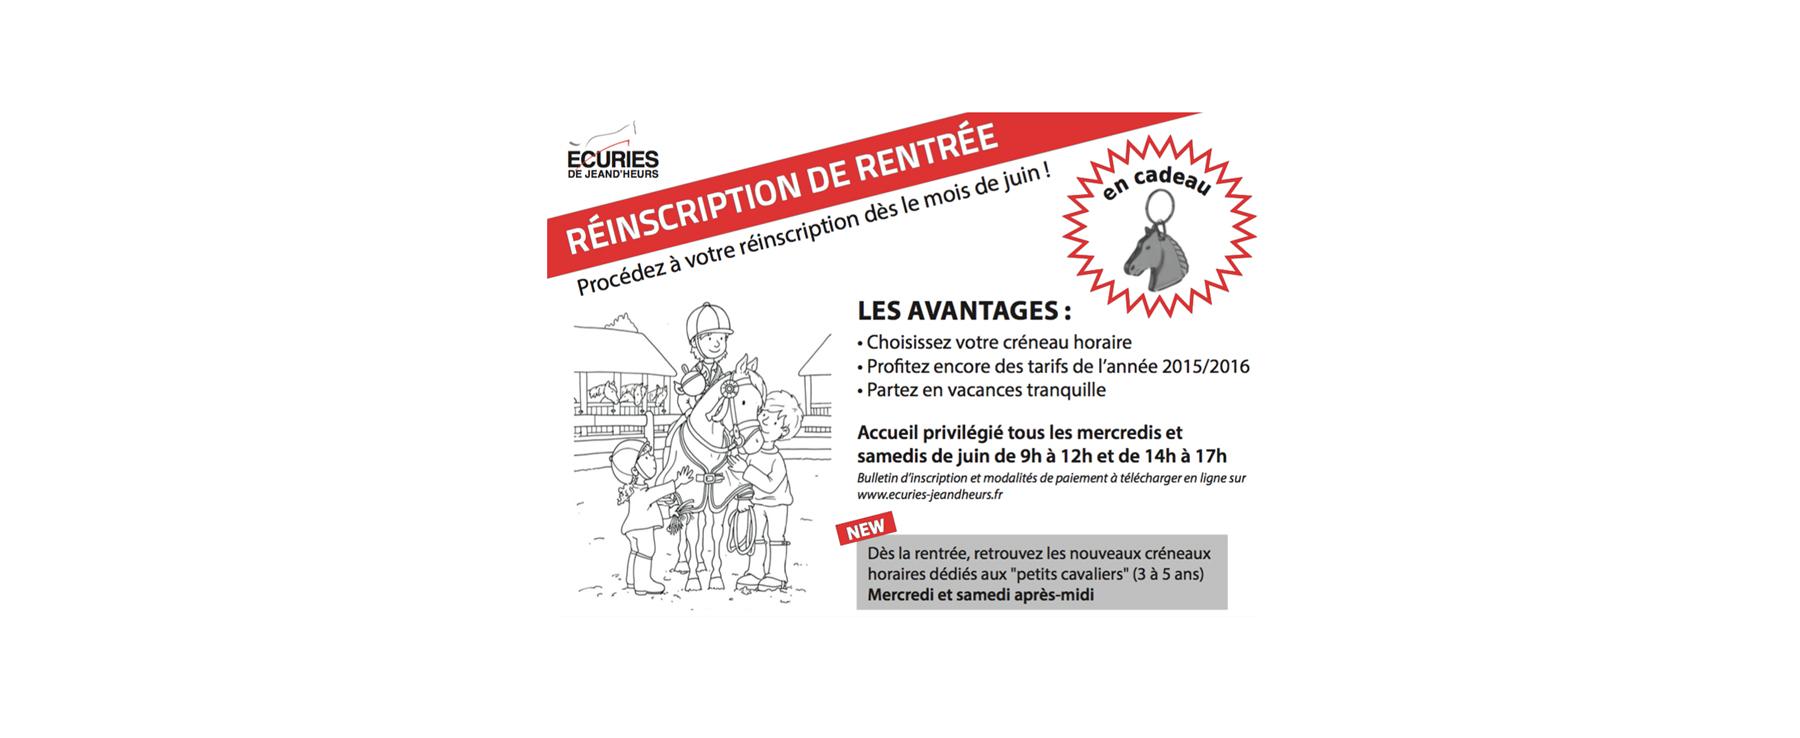 Ecuries Jeand'heurs Reinscription rentrée 2016